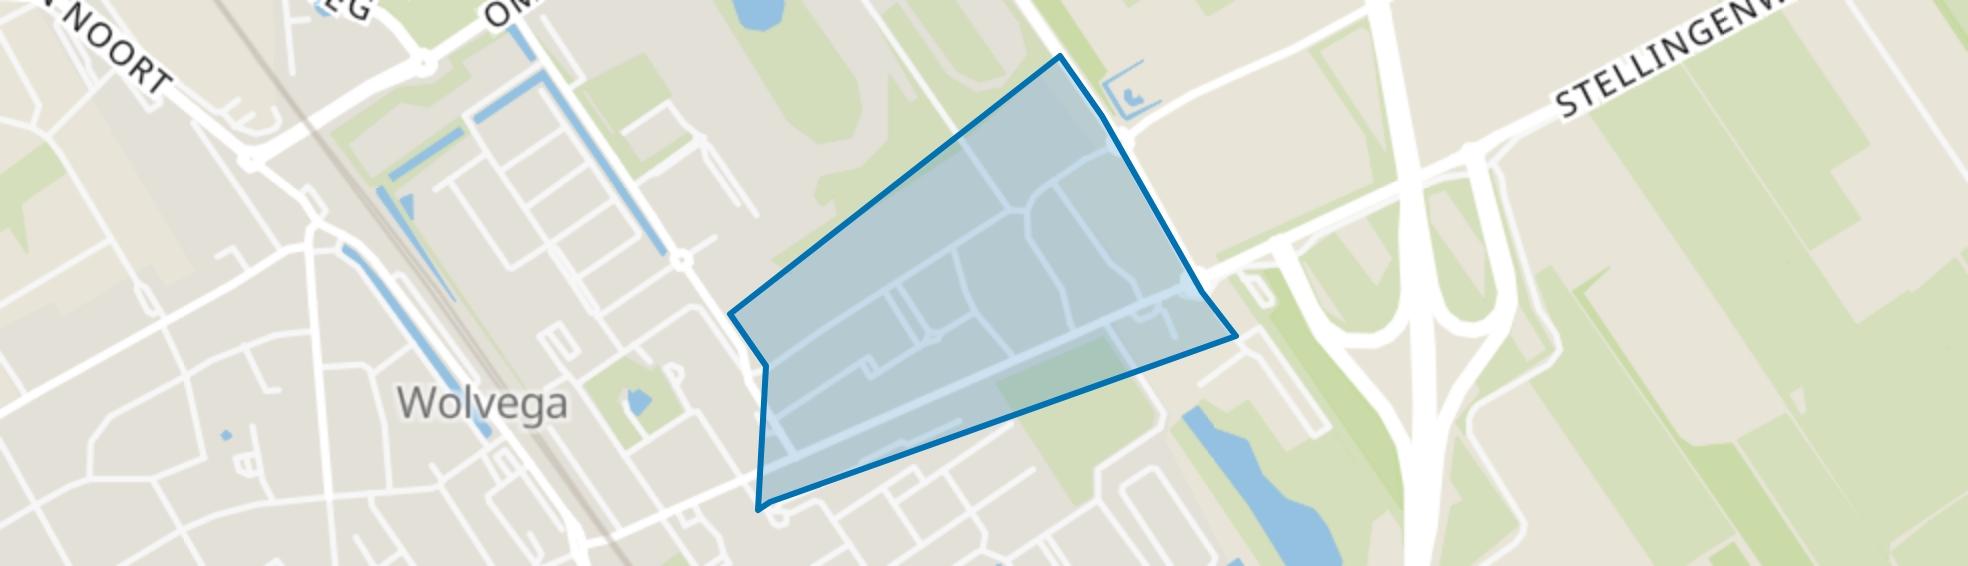 Wolvega-Tuindorp, Wolvega map